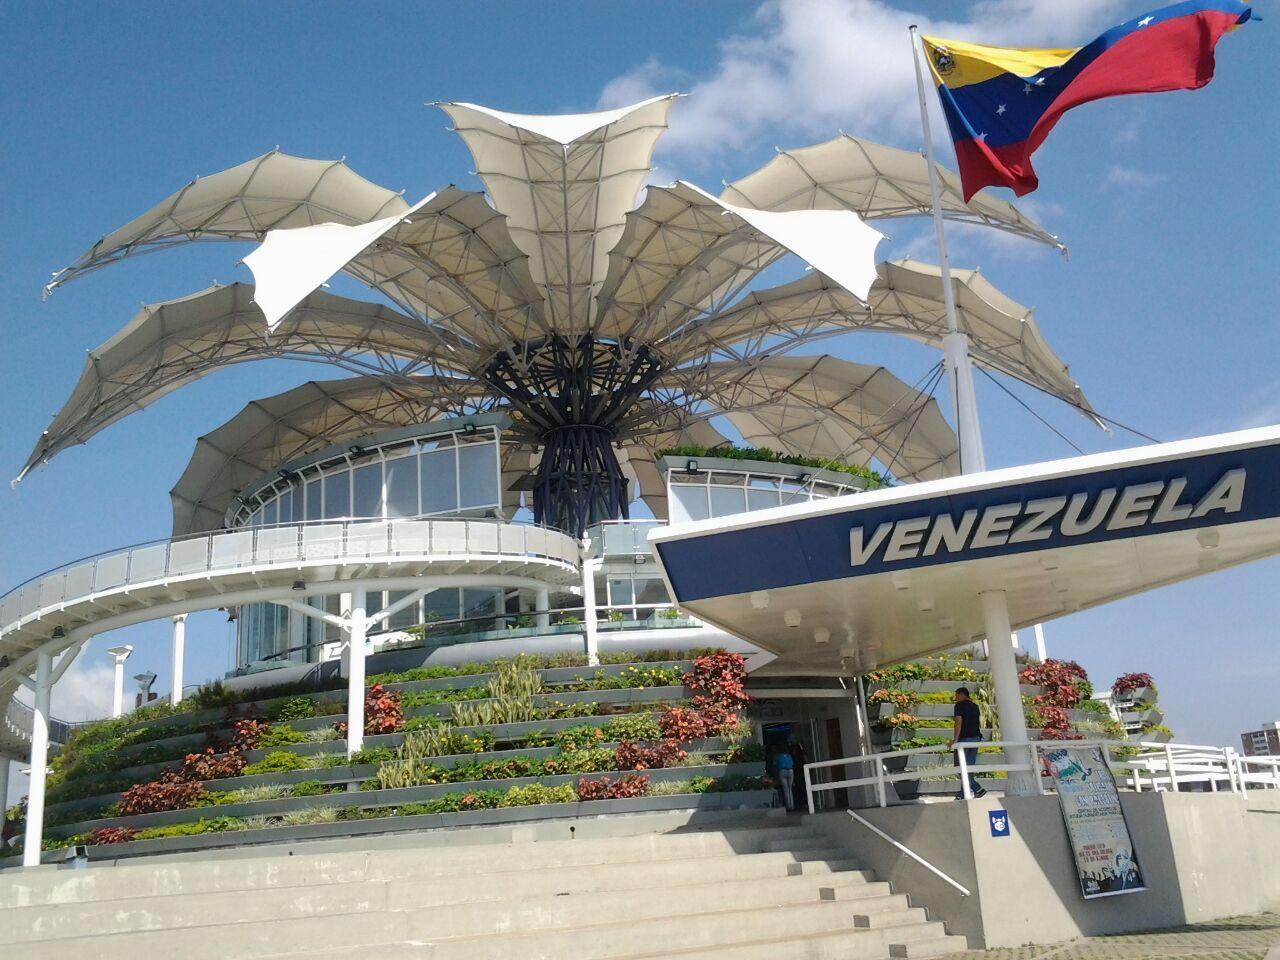 Pin En La Flor De Venezuela El Orgullo Arquitectonico De Venezuela